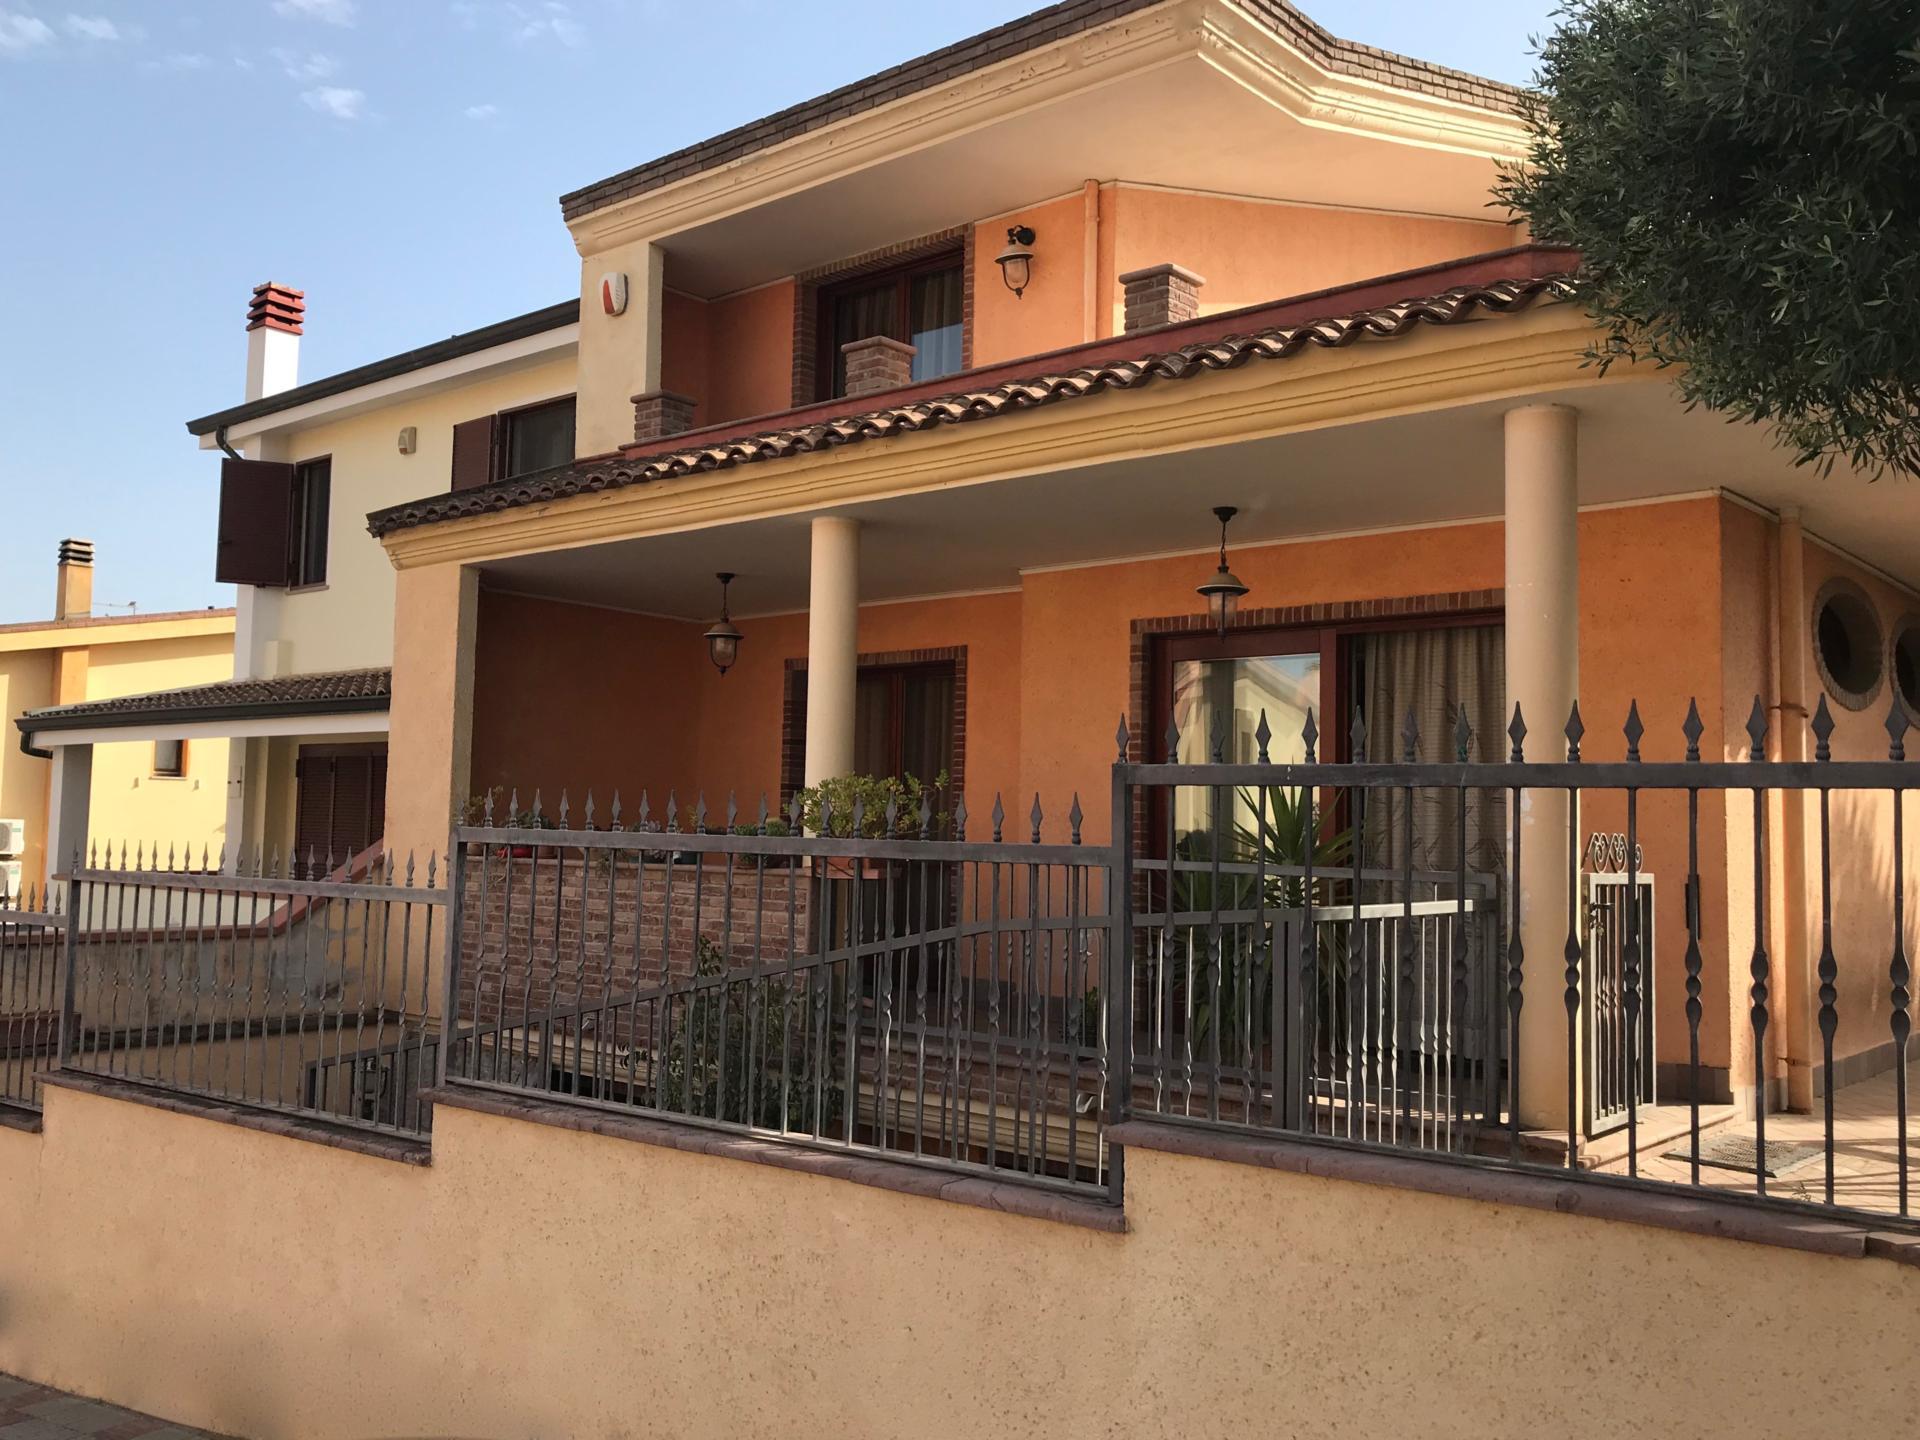 Villa indipendente con giardino e taverna di 100 mq for Giardino 100 mq